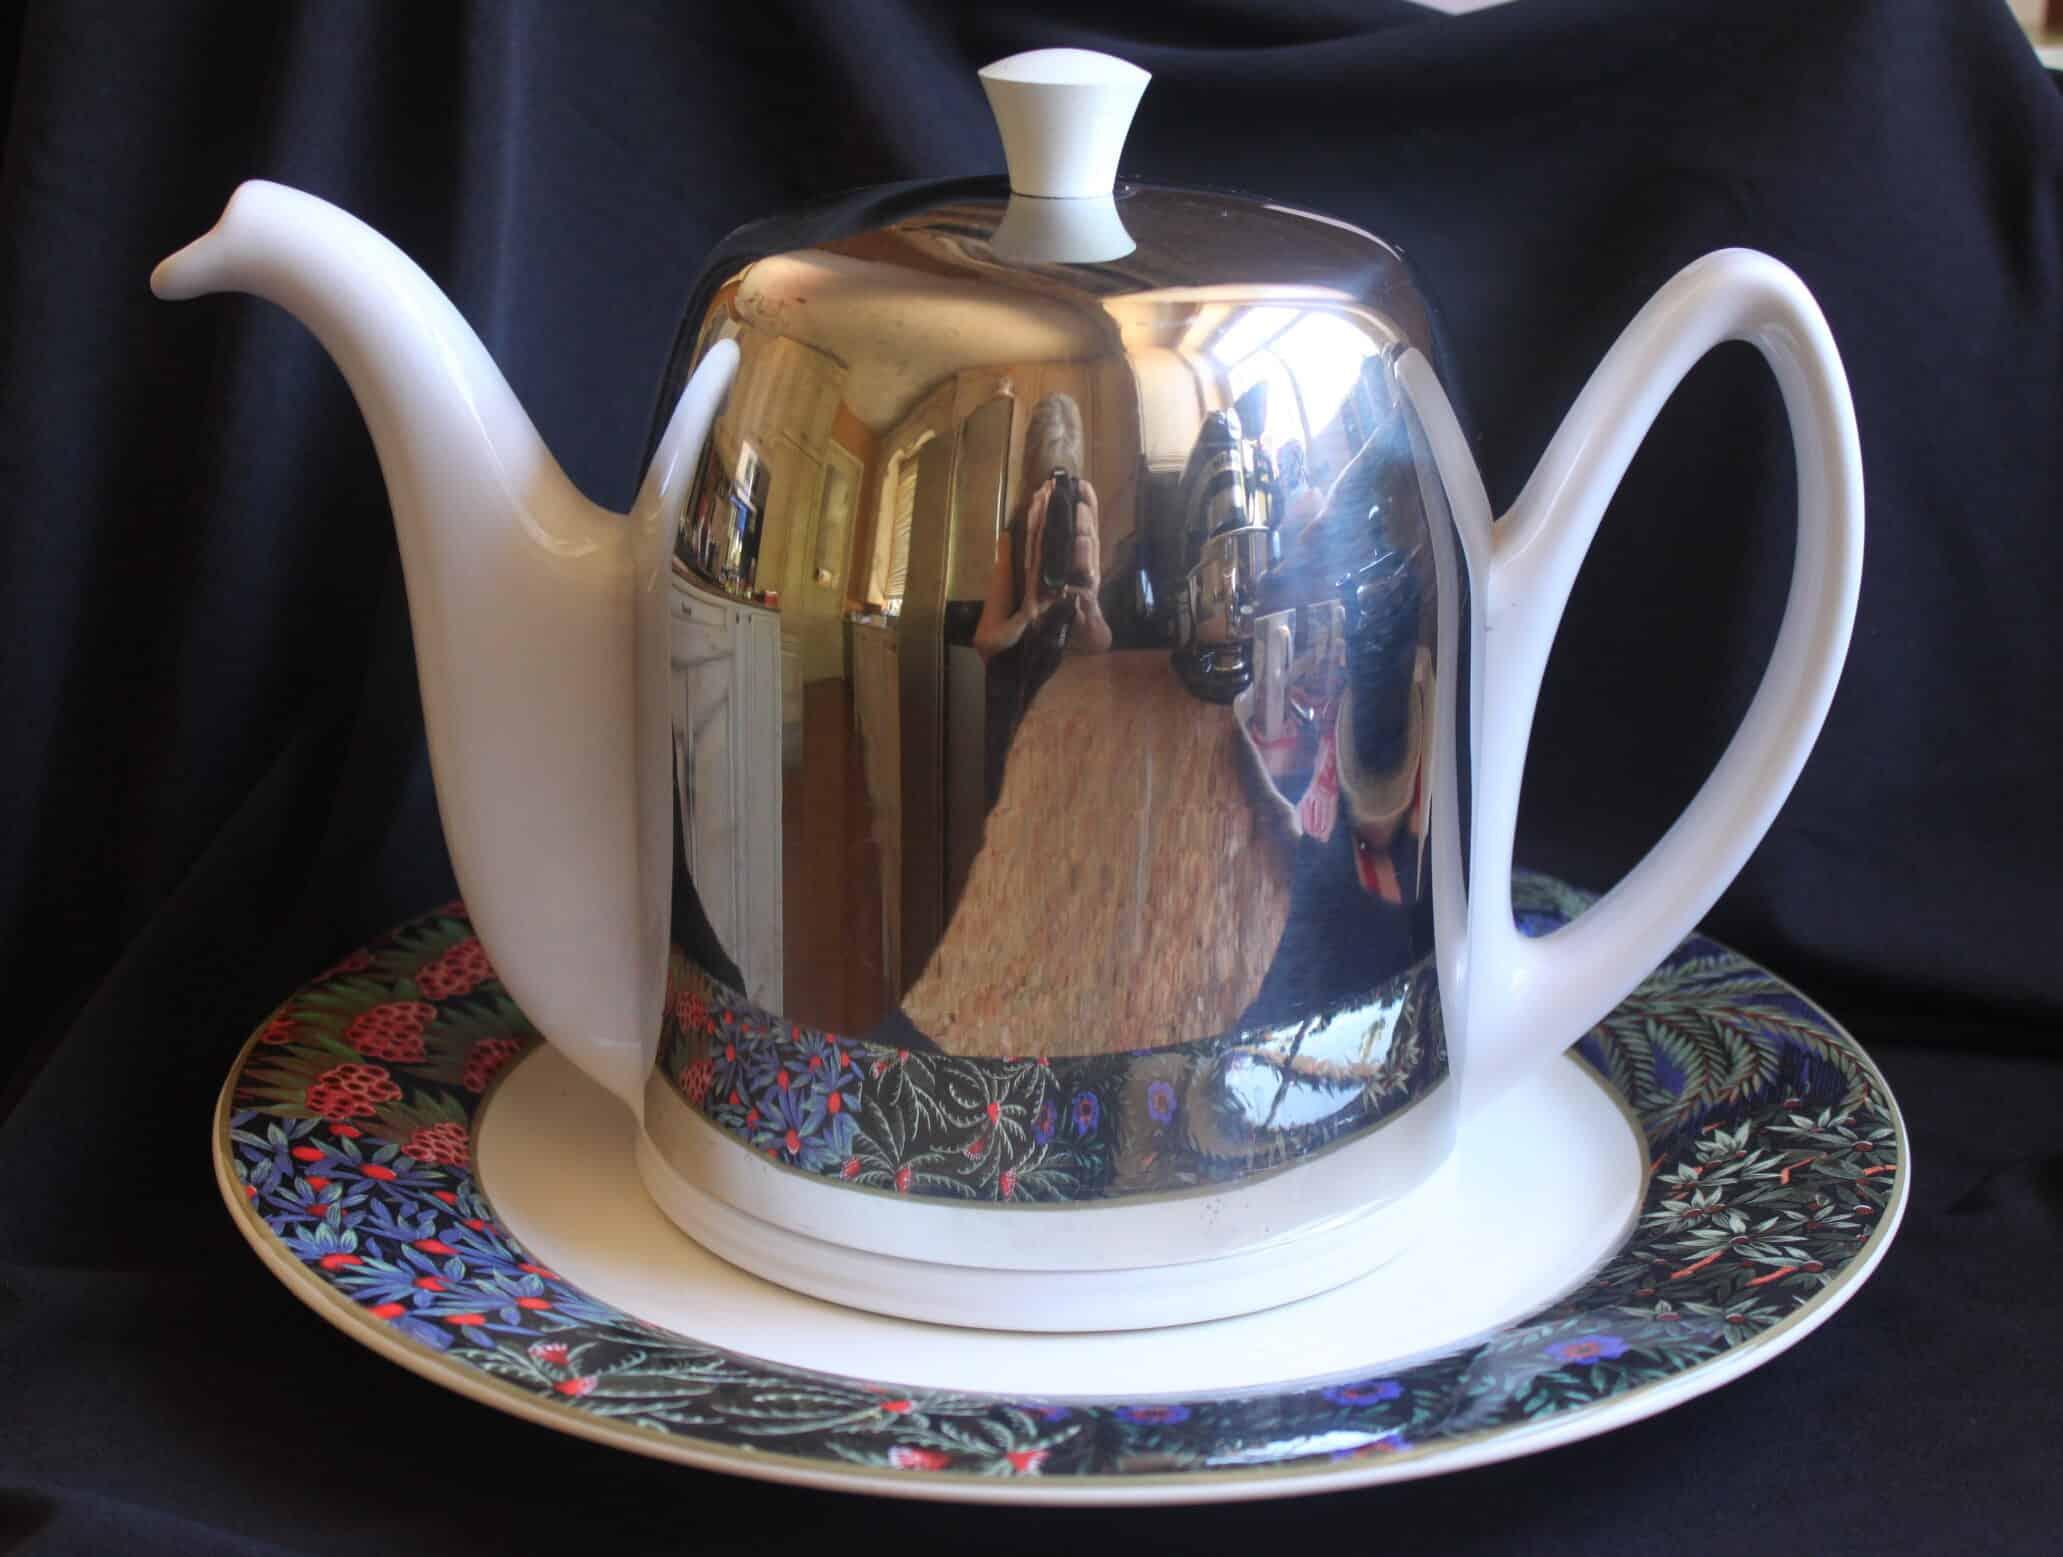 degrenne teapot